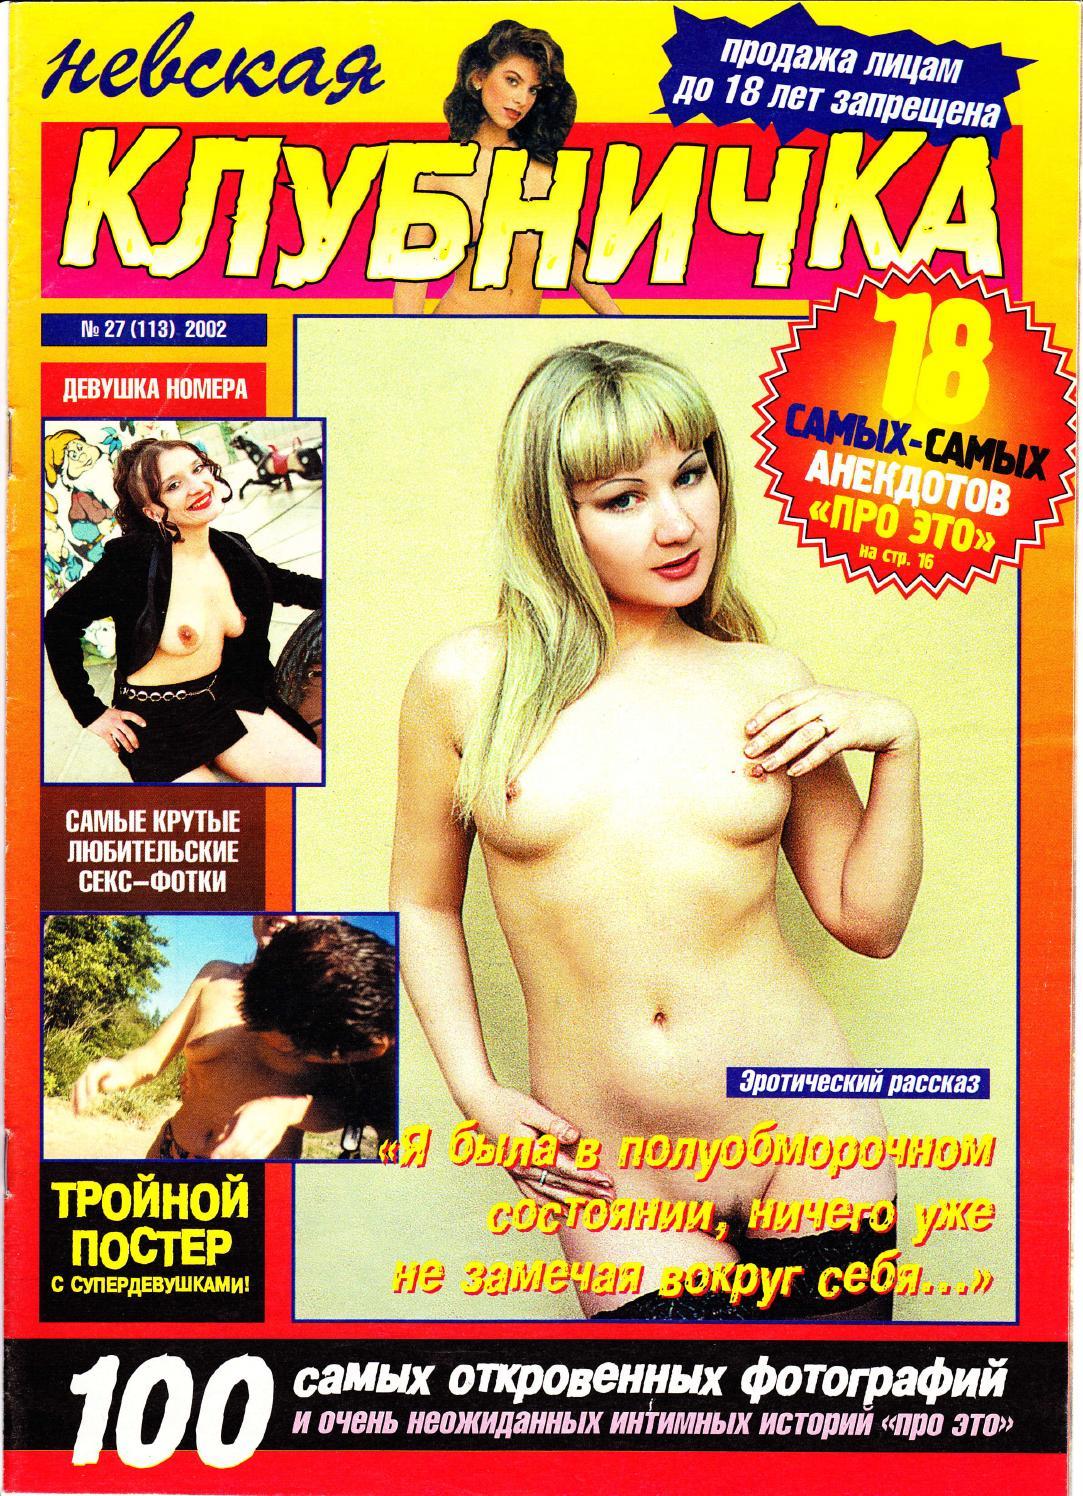 katalogi-eroticheskih-zhurnalov